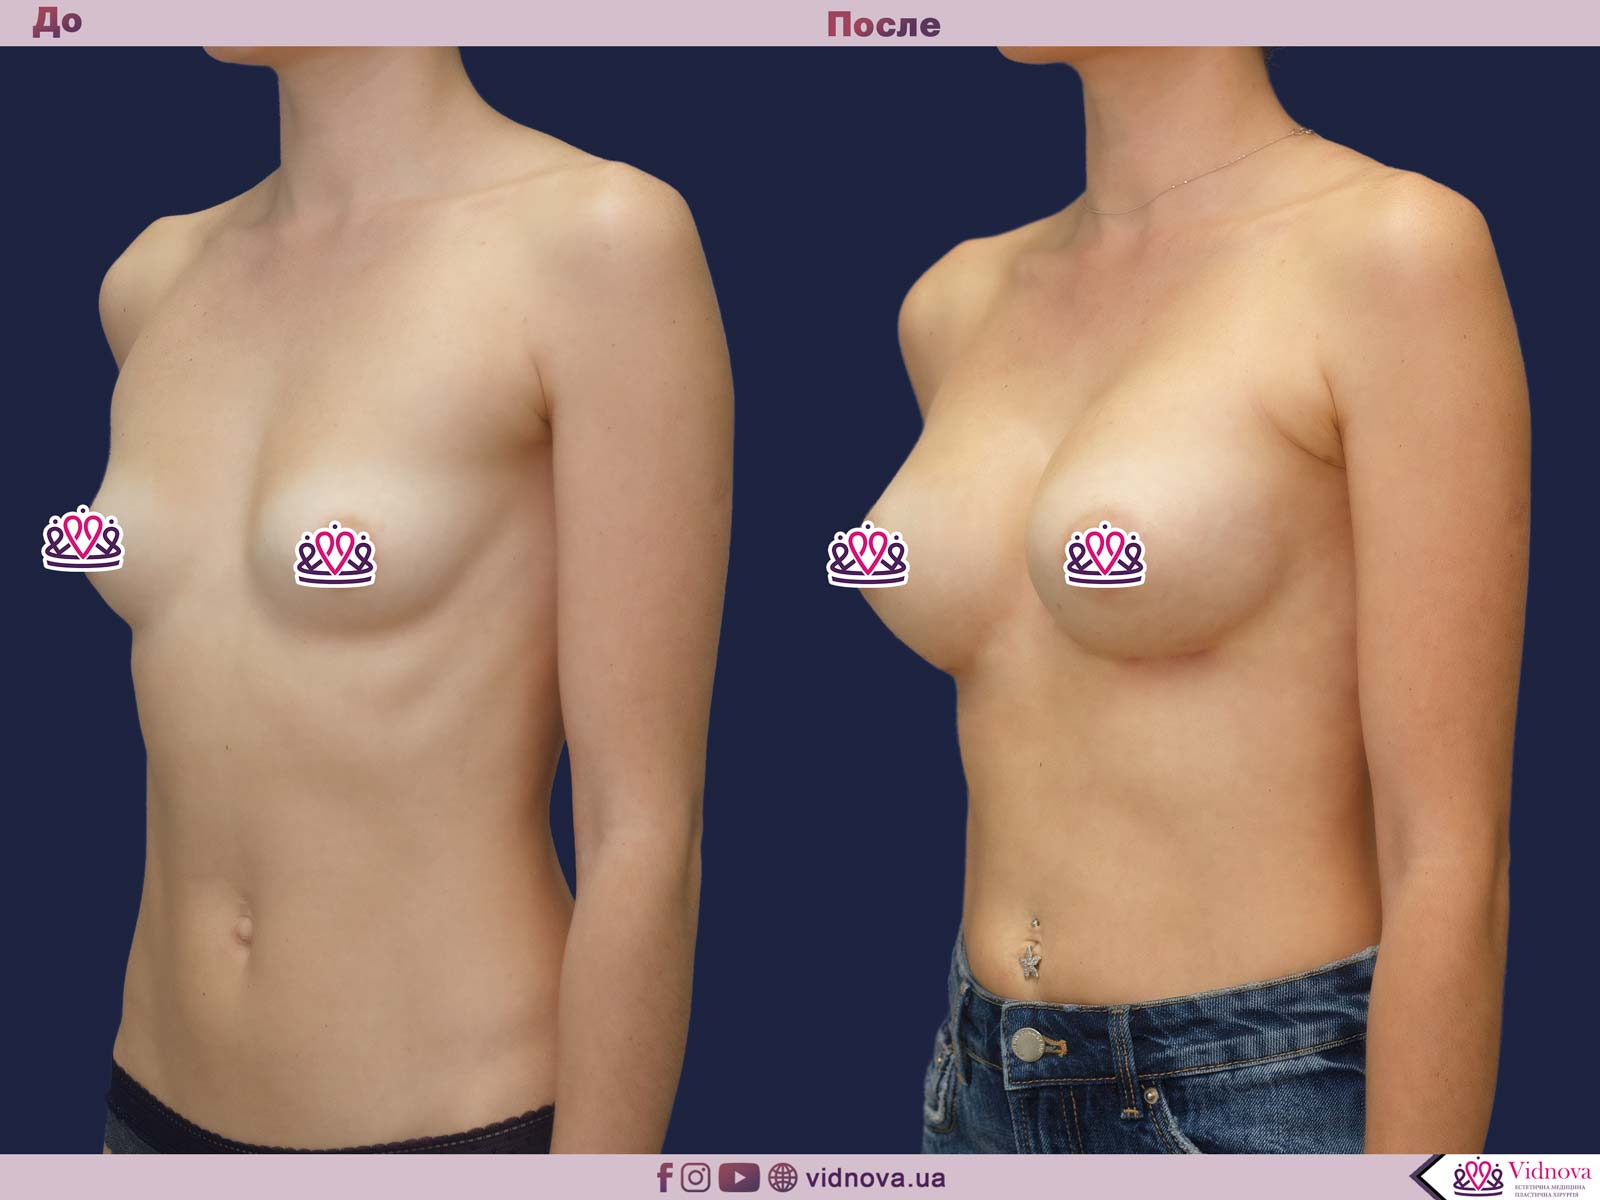 Пластика груди: результаты до и после - Пример №40-1 - Светлана Работенко